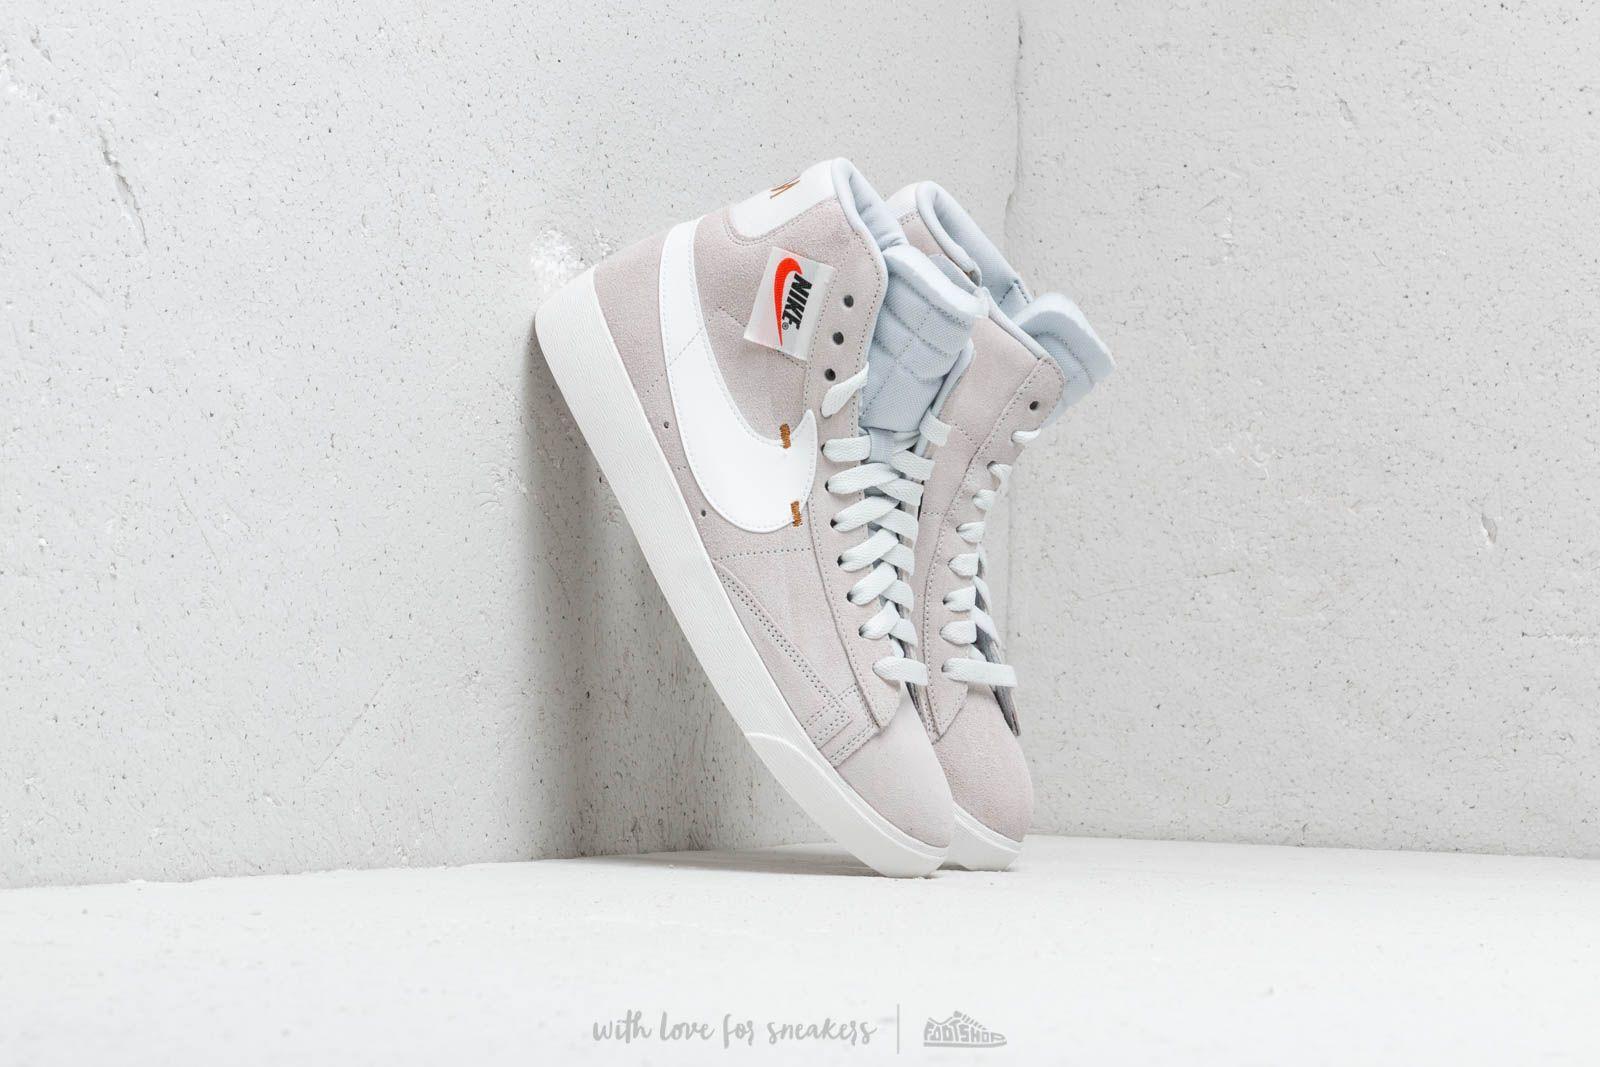 Pure PlatinumFootshop Summit Rebel Wmns Blazer Nike Mid Off White kiuwPZXTlO